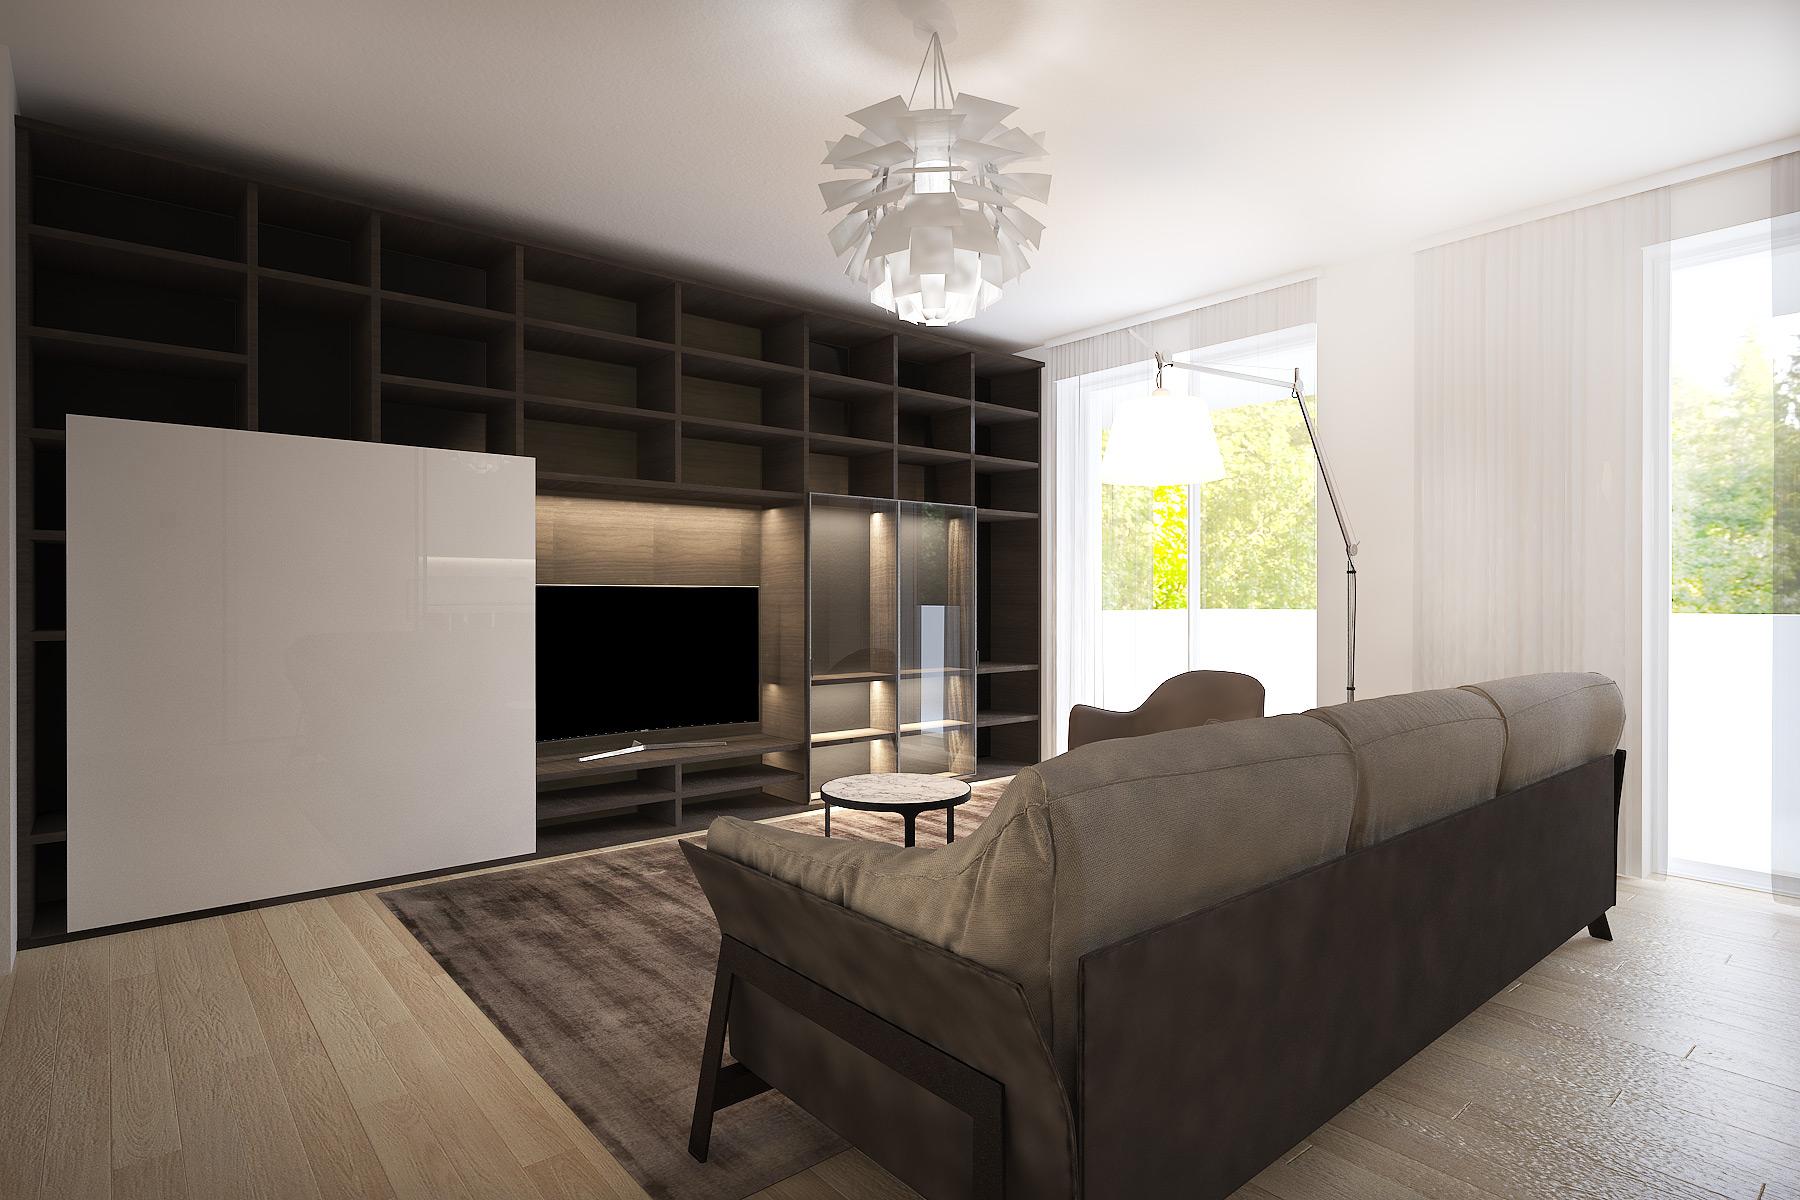 Appartamento alberto mario desearq studio architettura e for Appartamento interior design